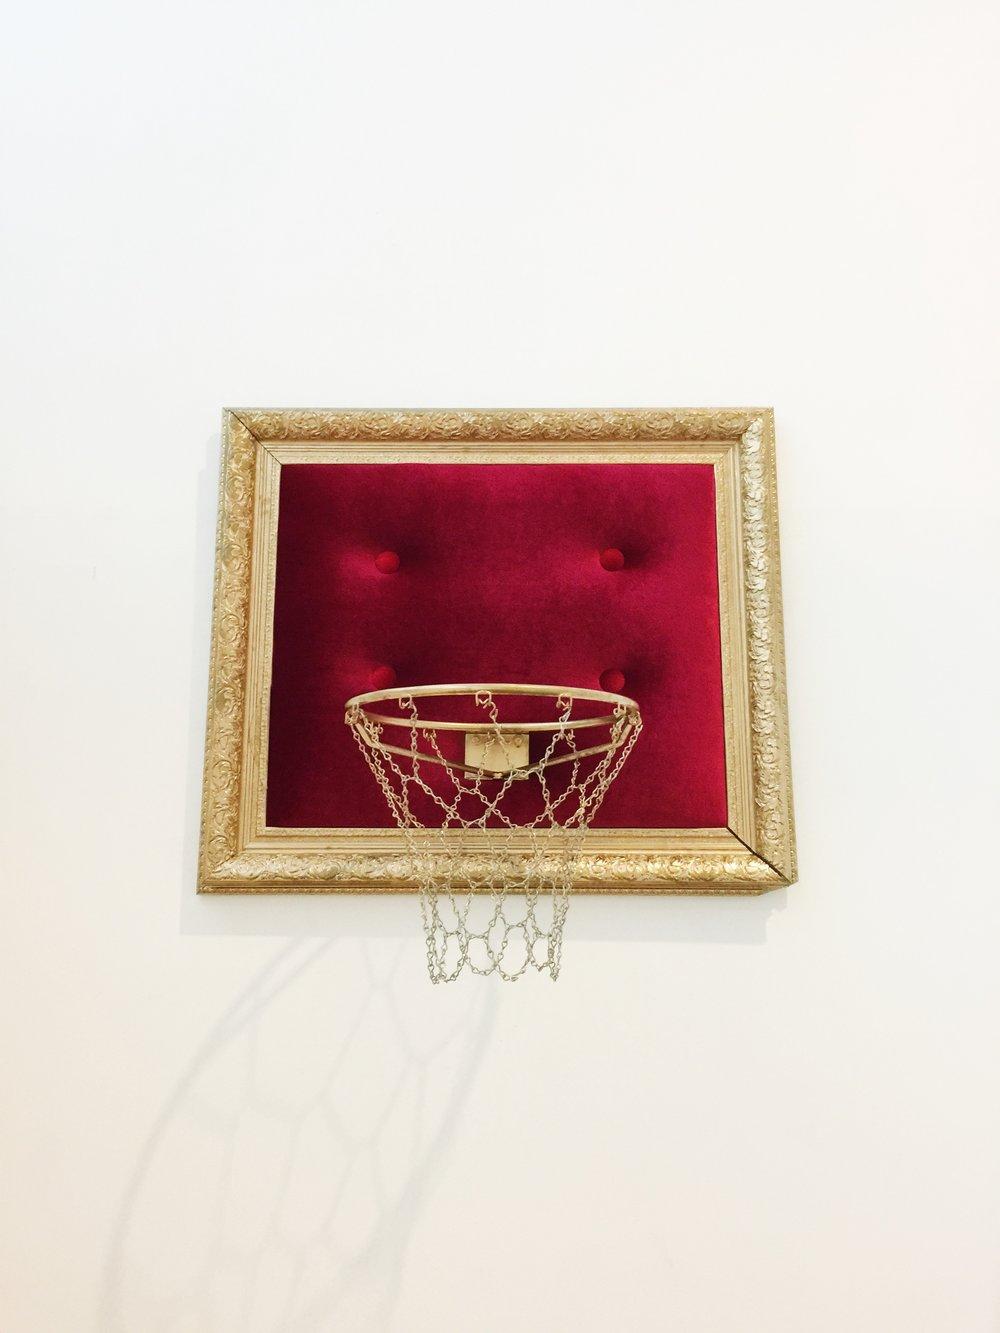 Hoop Dreams 64 x 40 in.